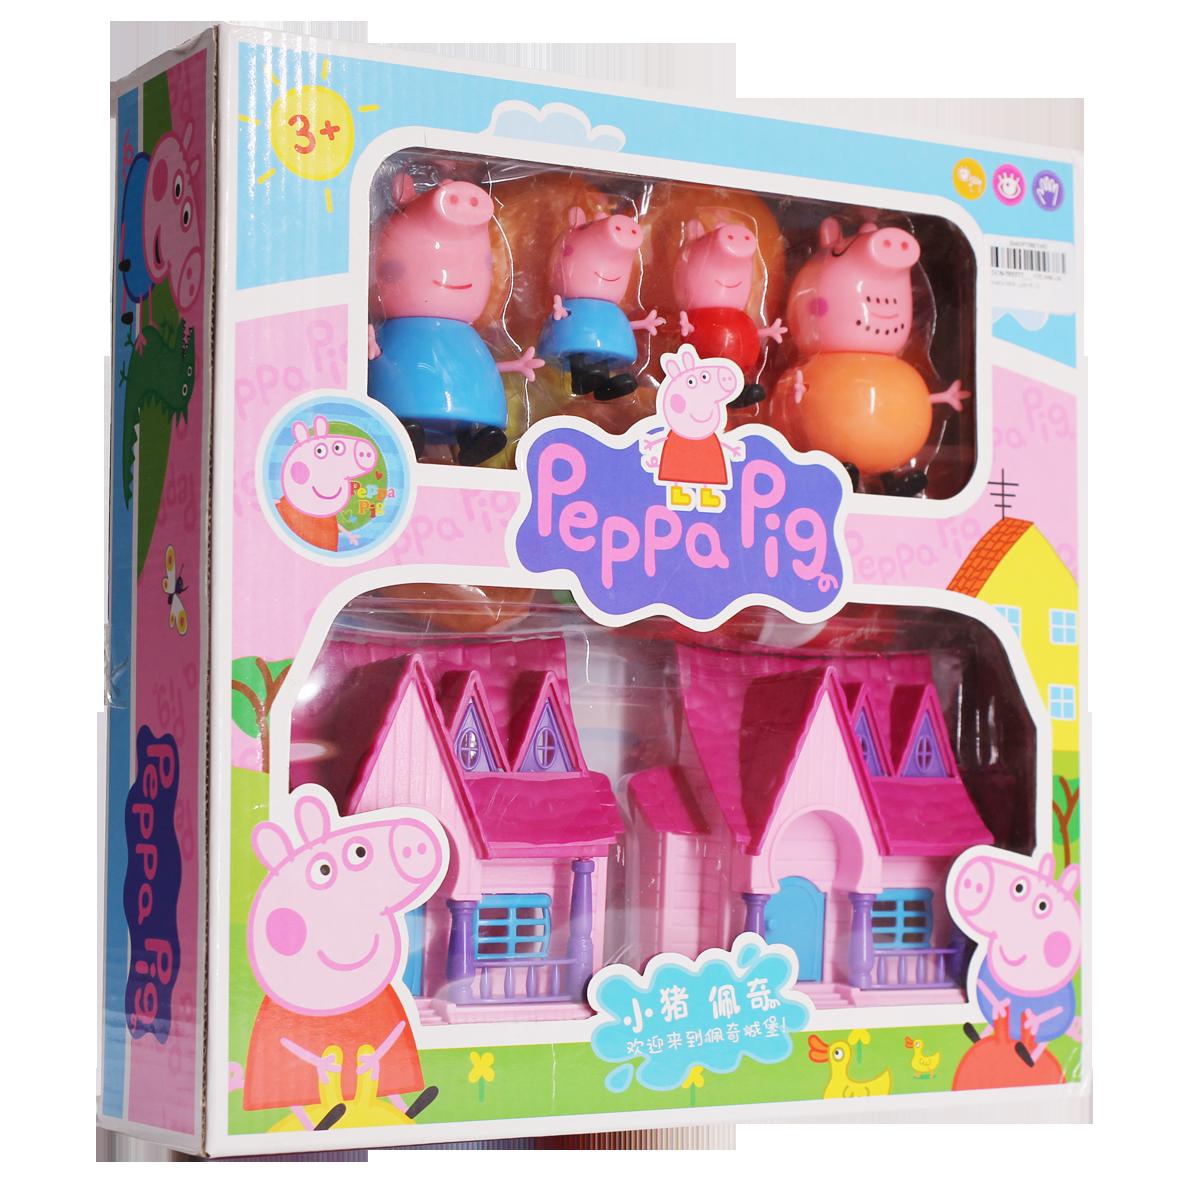 Đồ chơi ngôi nhà lợn Peppa Pig 6721